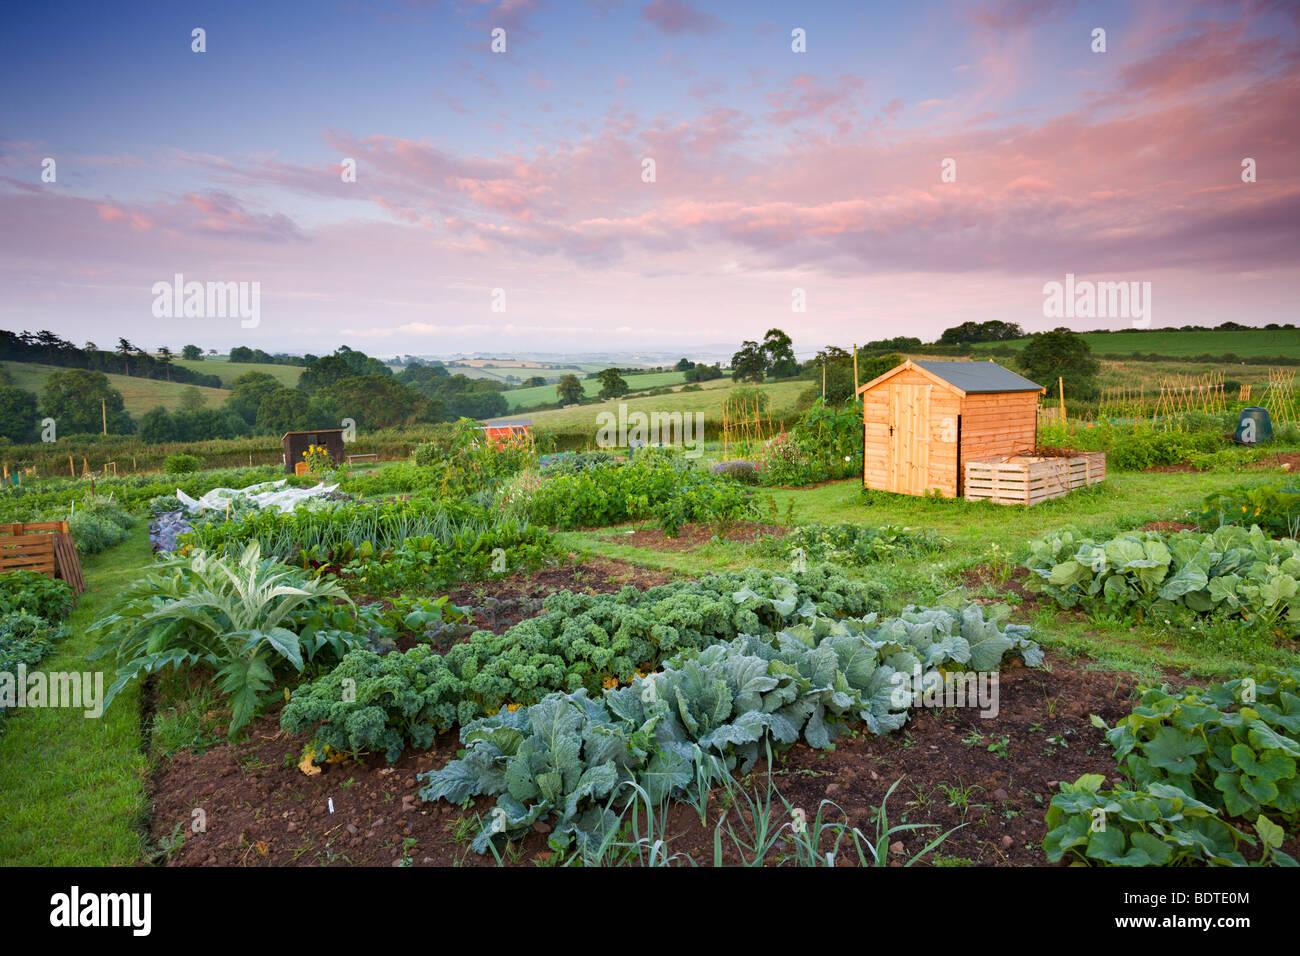 Gemüse wächst auf einem ländlichen Zuteilung, Morchard Bischof, Devon, England. Sommer (Juli) 2009 Stockfoto